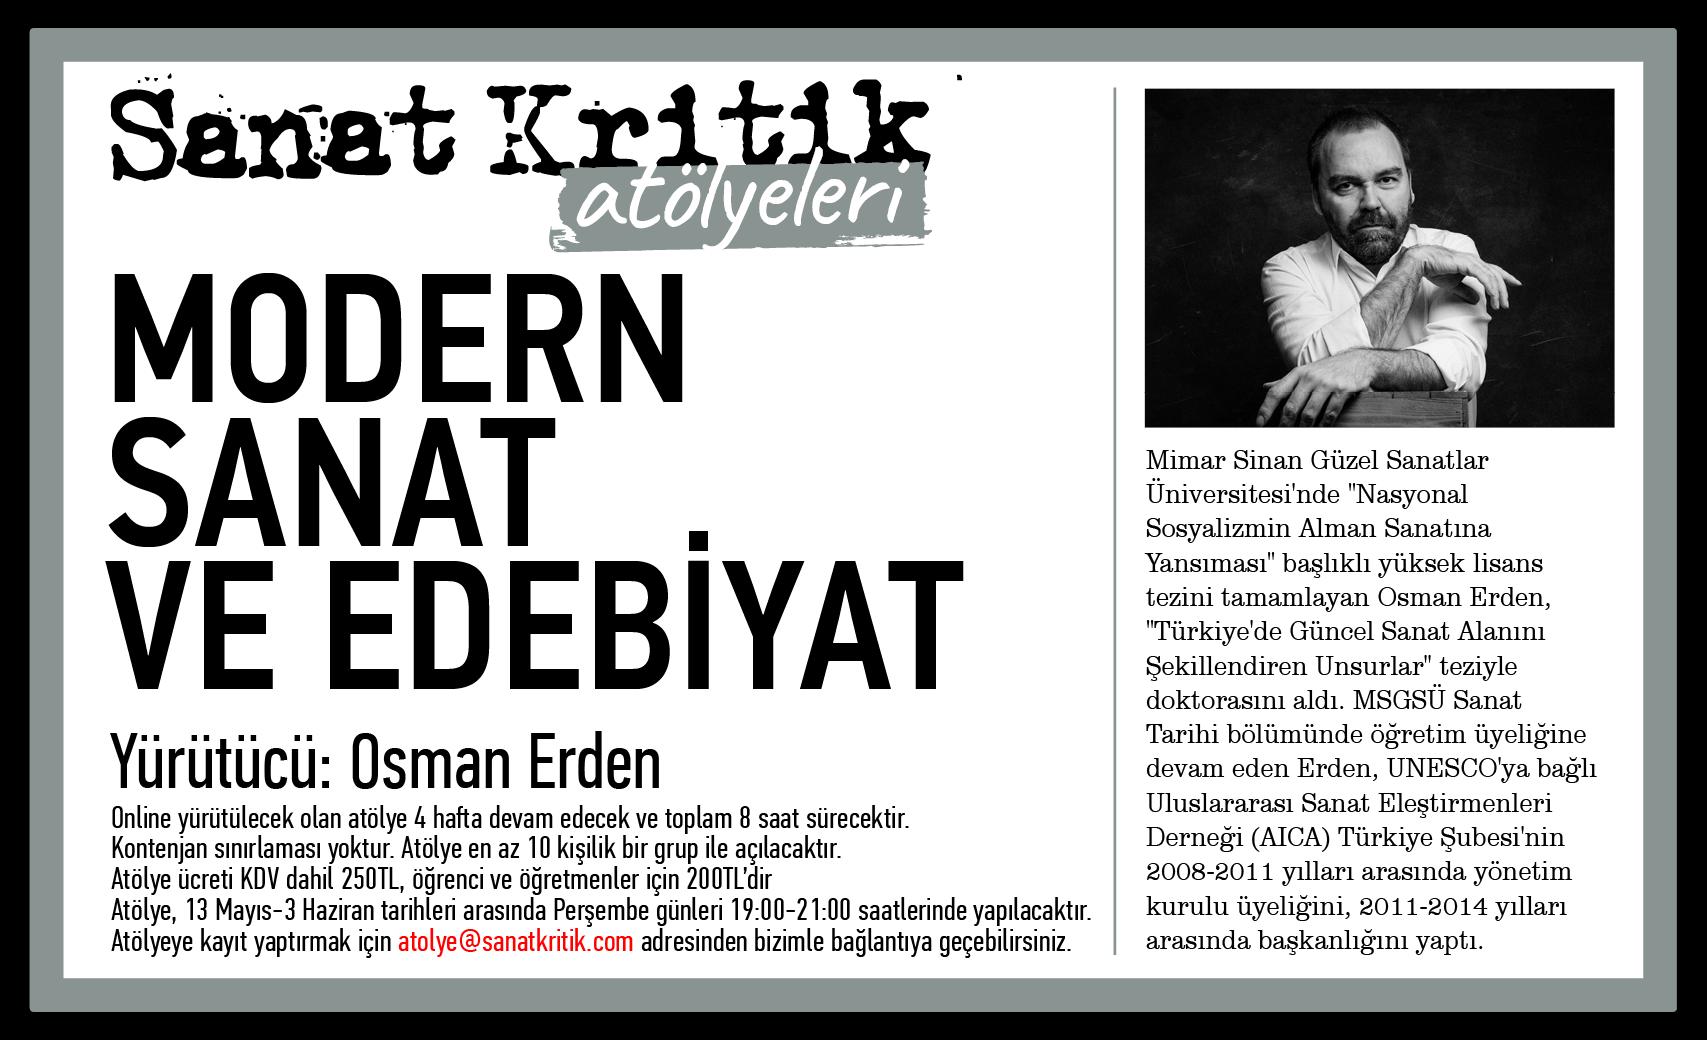 Sanat-Kritik-Osman-Erden-Modern-Sanat-ve-Edebiyat-Resimli-1